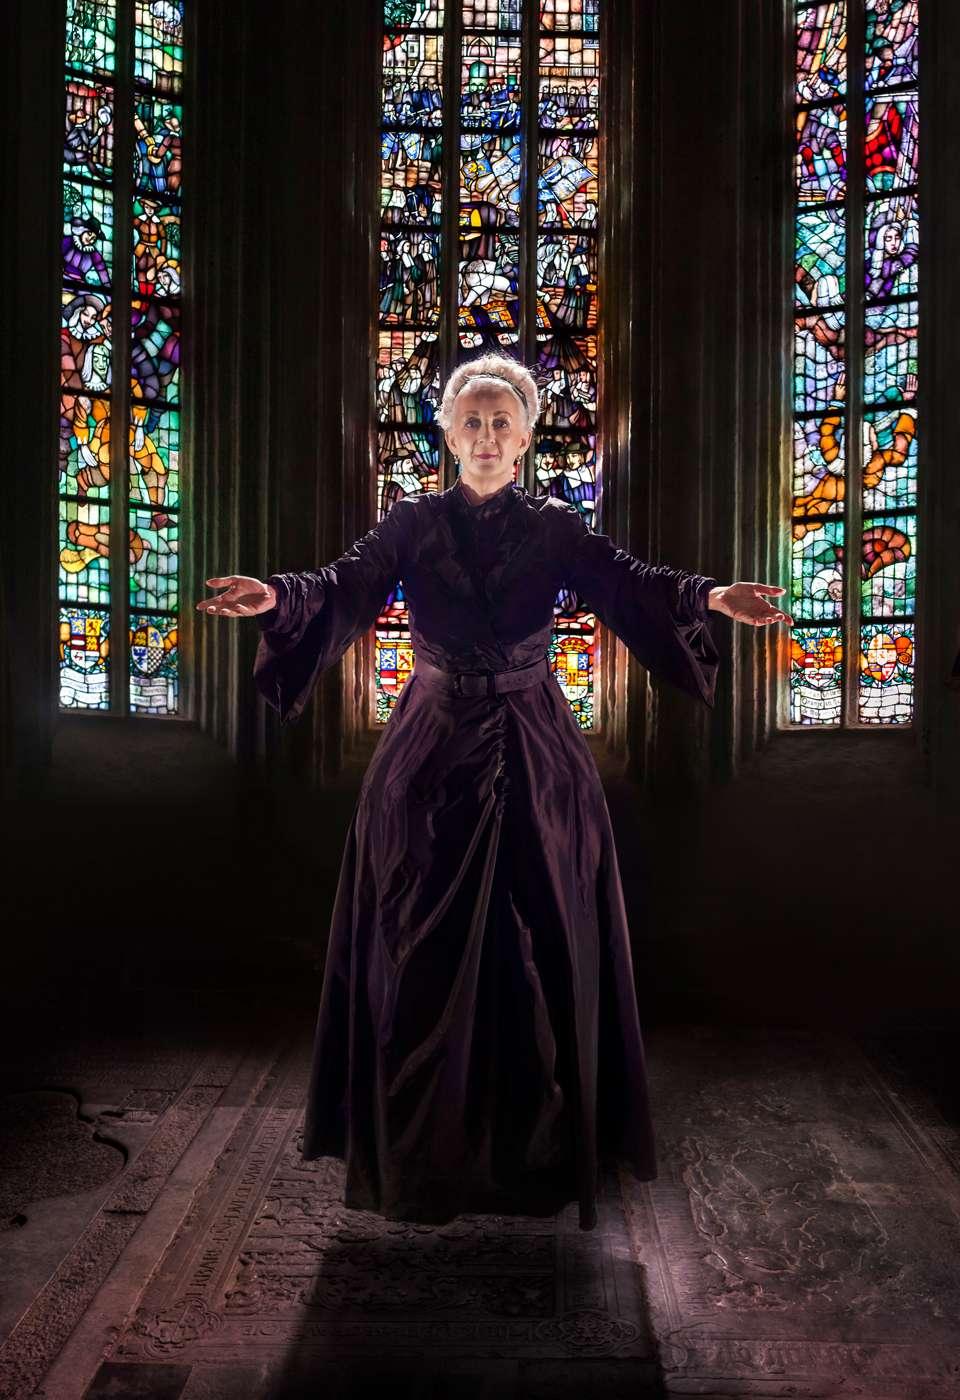 Marijke Muoi | voorstelling | Theater over toen maar ook over onze tijd | Promotie fotobeeld